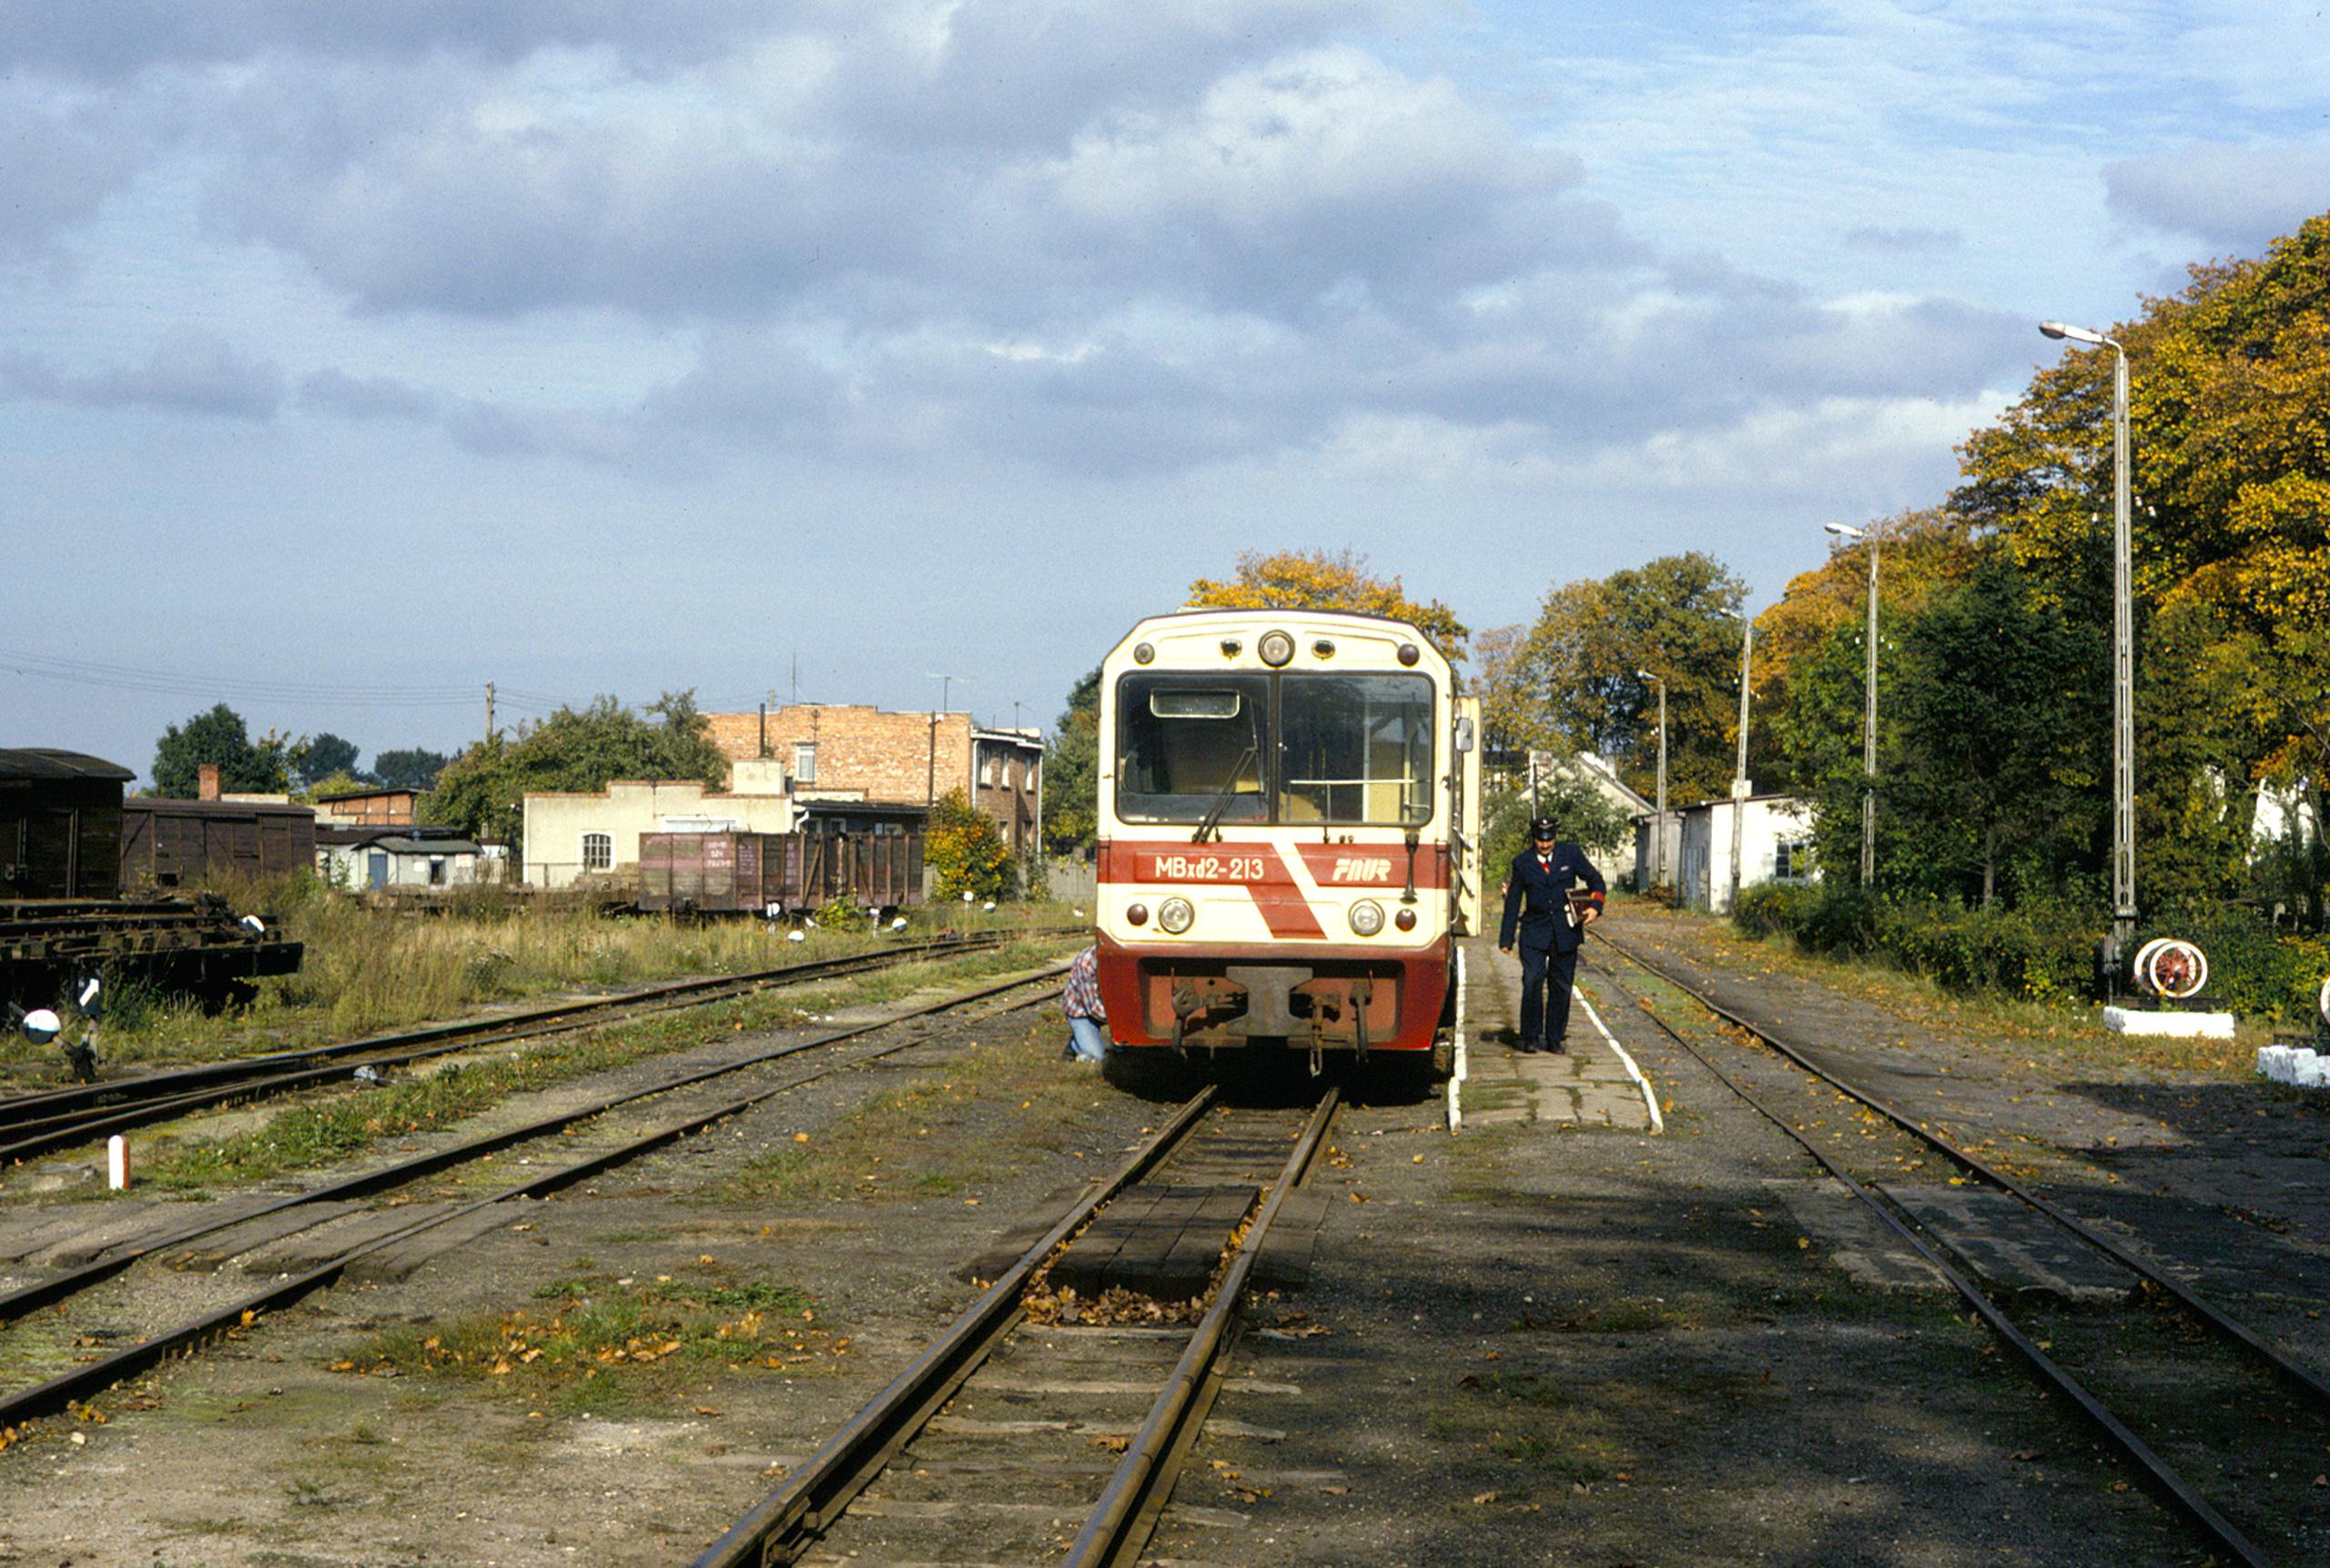 Station at Nowy Dwór Gdański